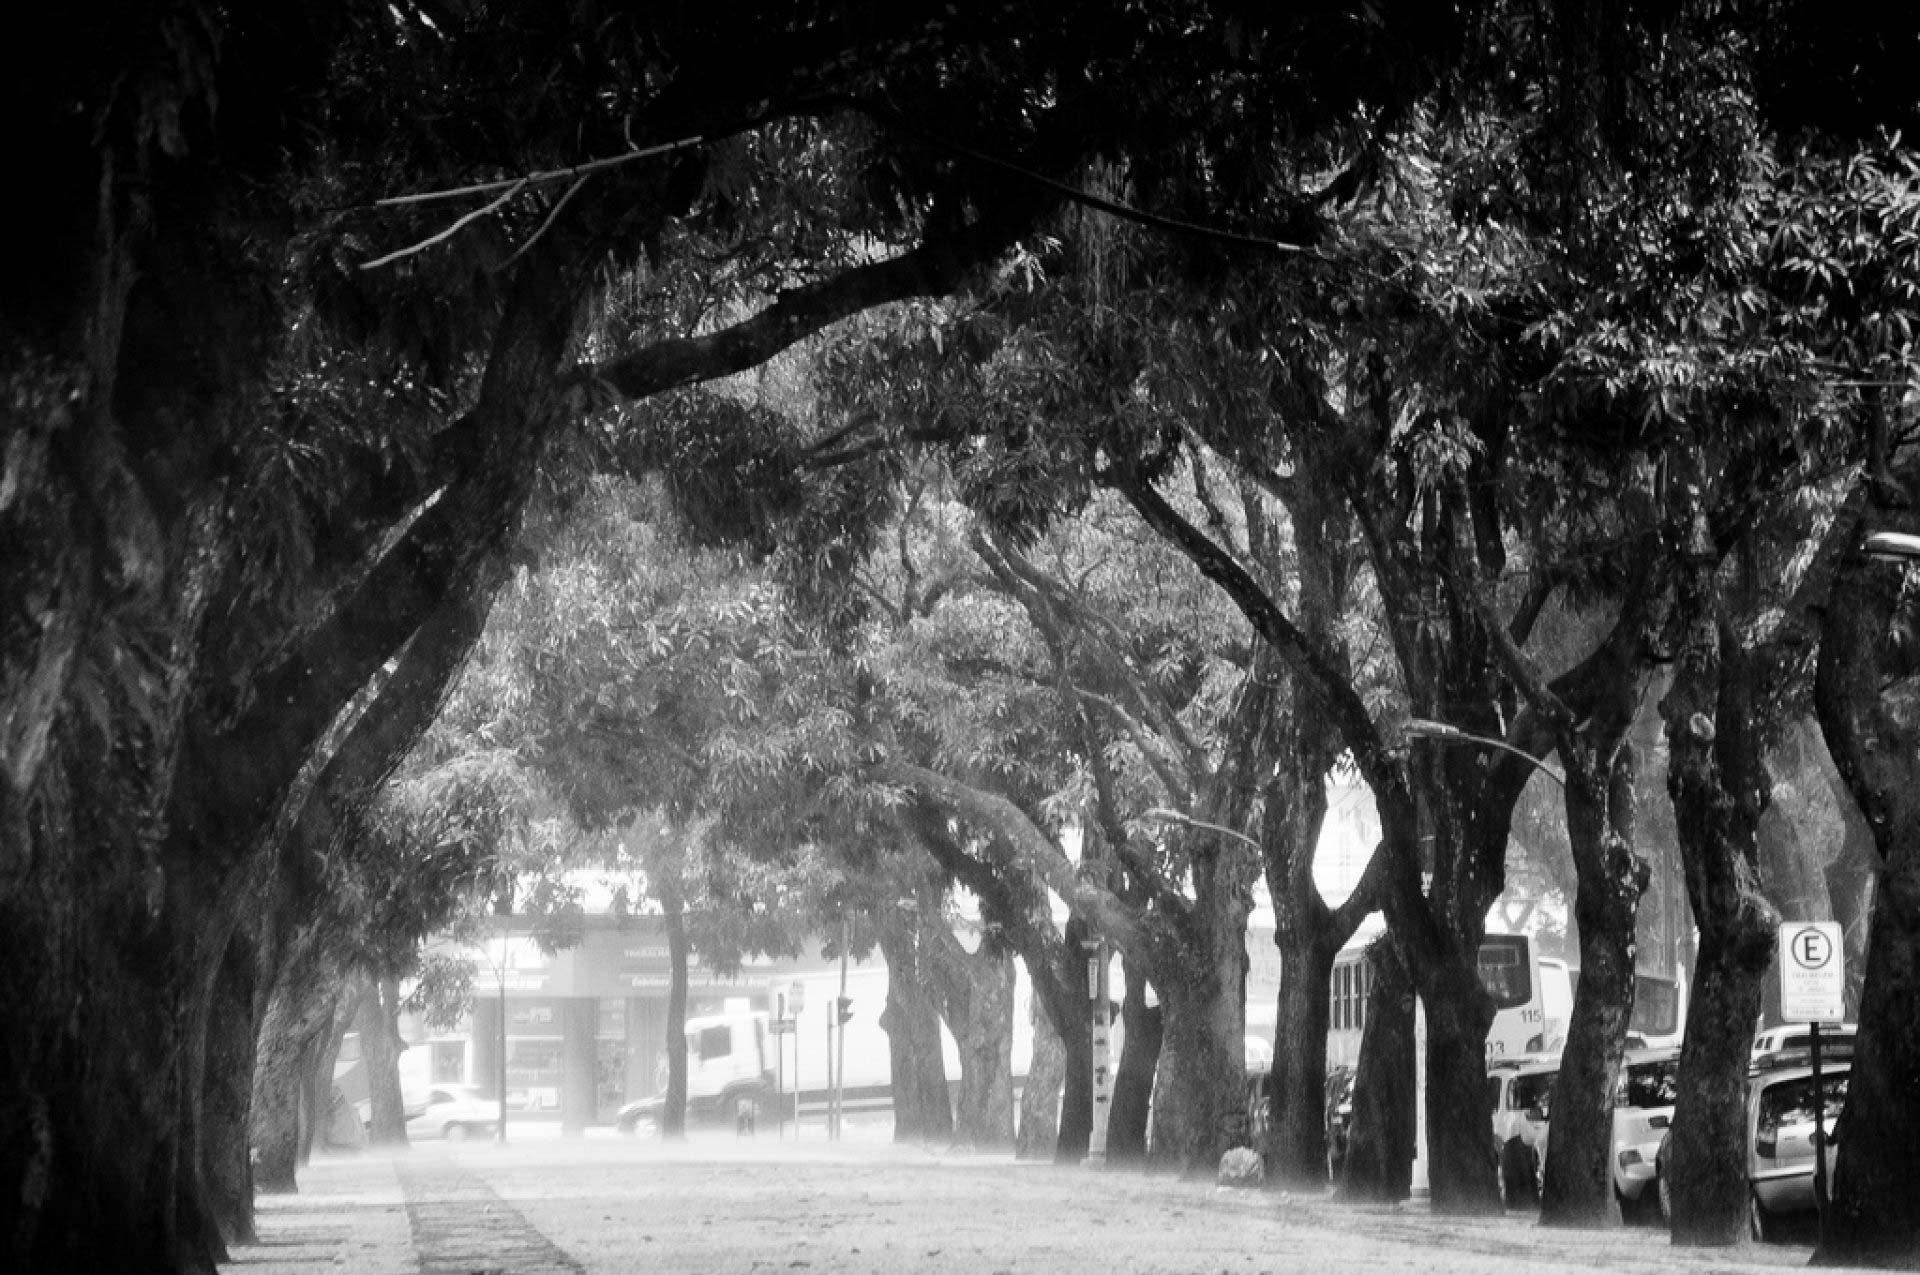 Praça da República - Belém